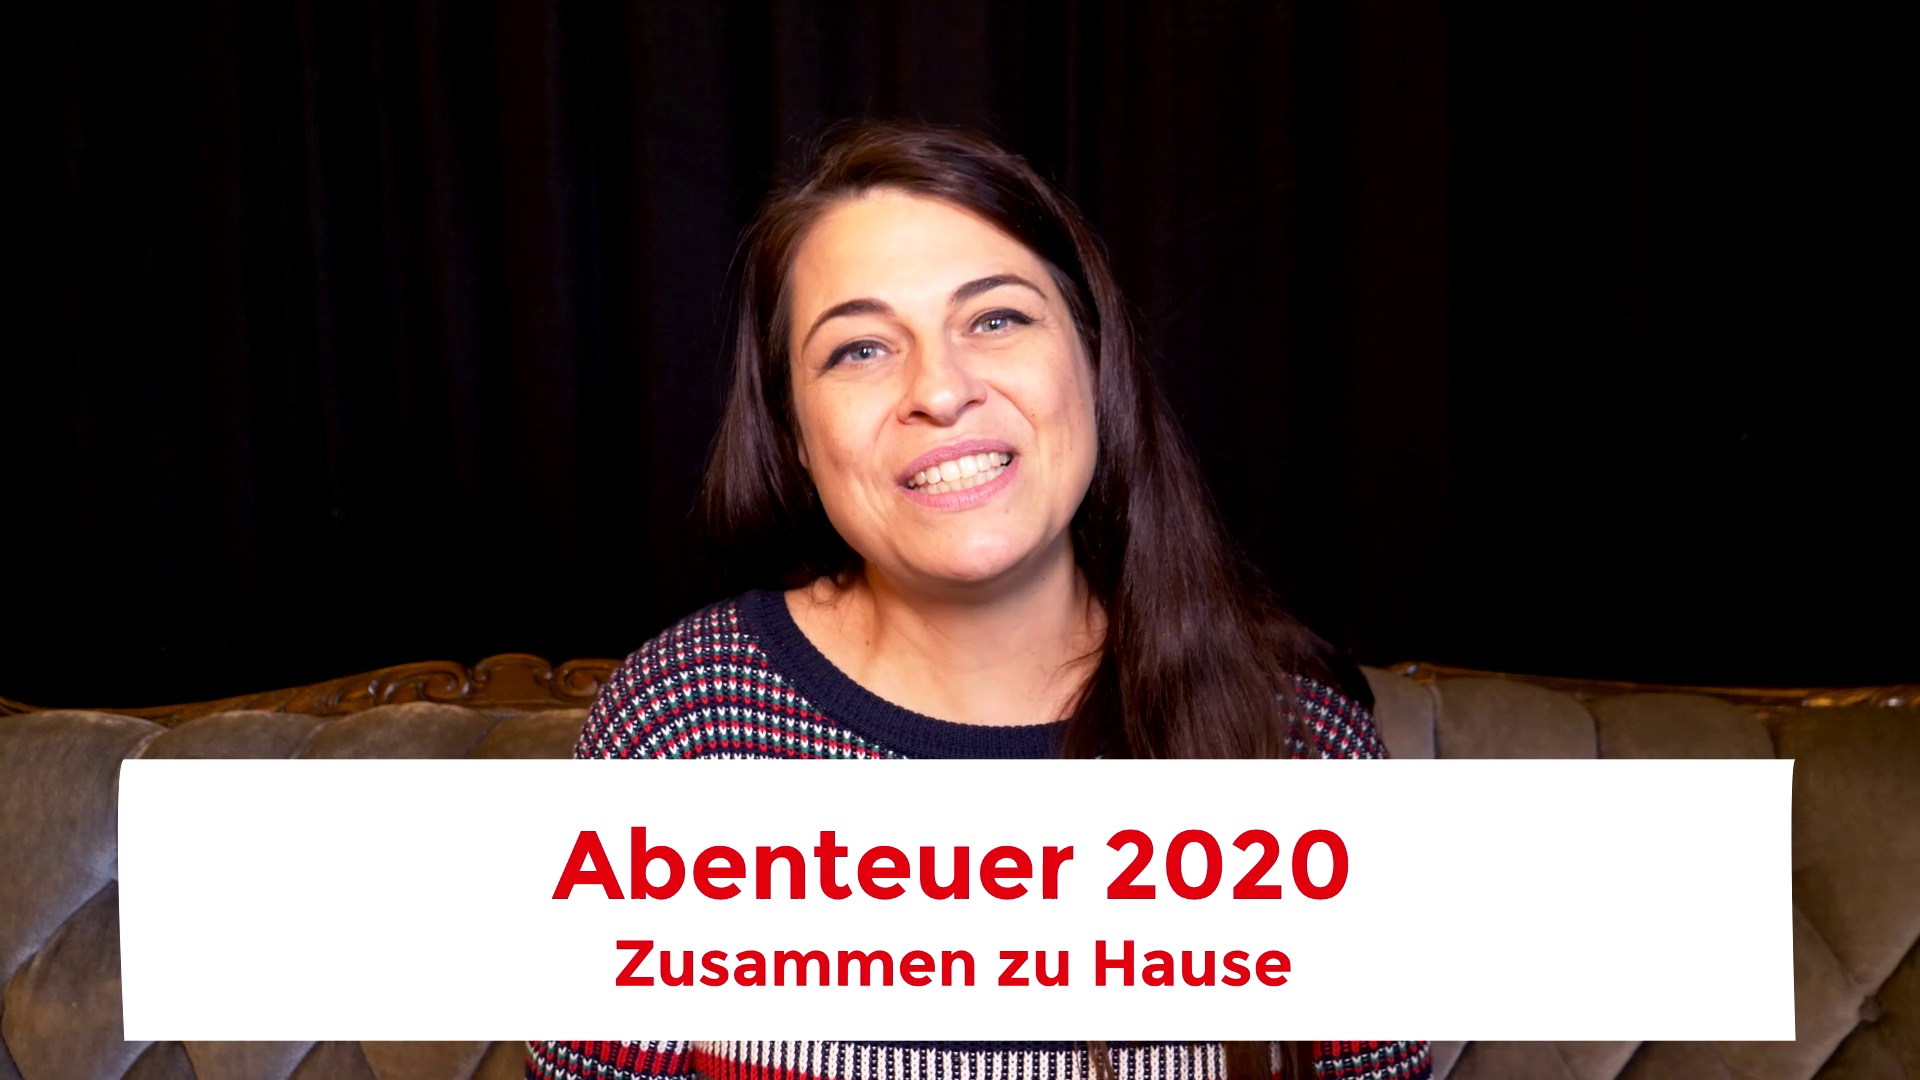 jugendkulturjahr-2020-ratingen-JUZ Hösel-Abenteuer2020-malwettbewerb